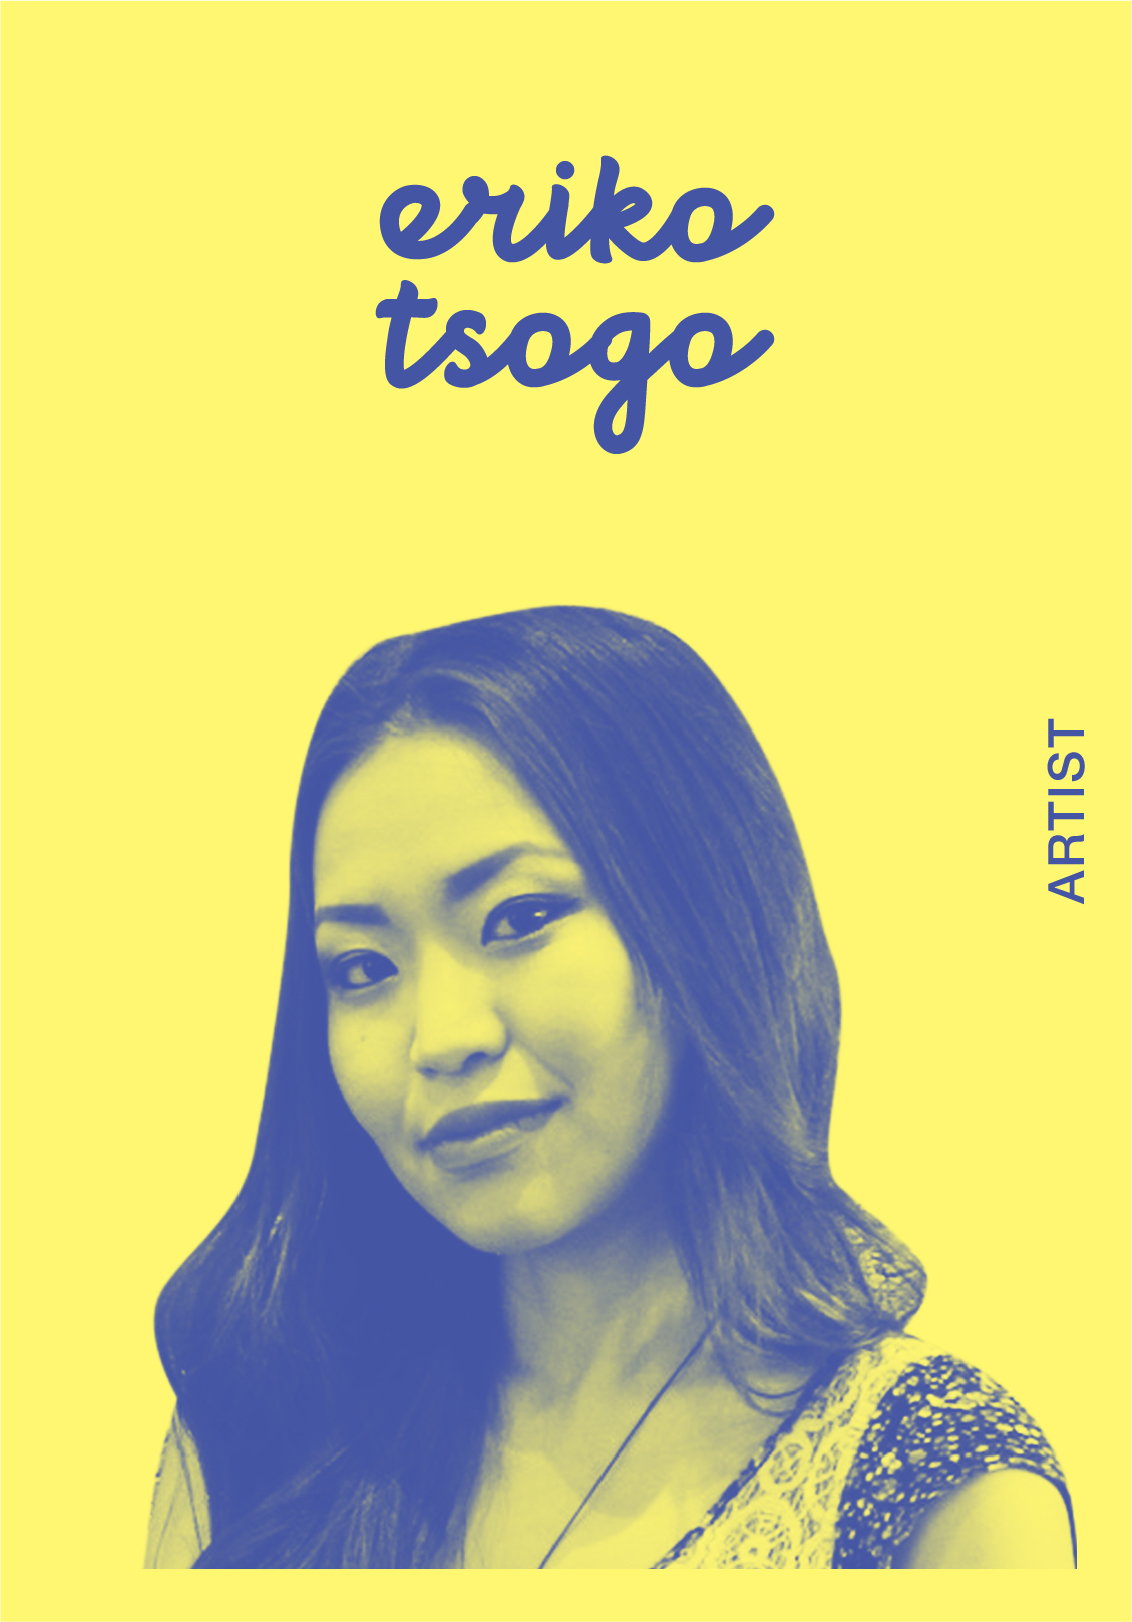 ERIKO TSOGO   WEBSITE   IG: ERIKOTSOGO